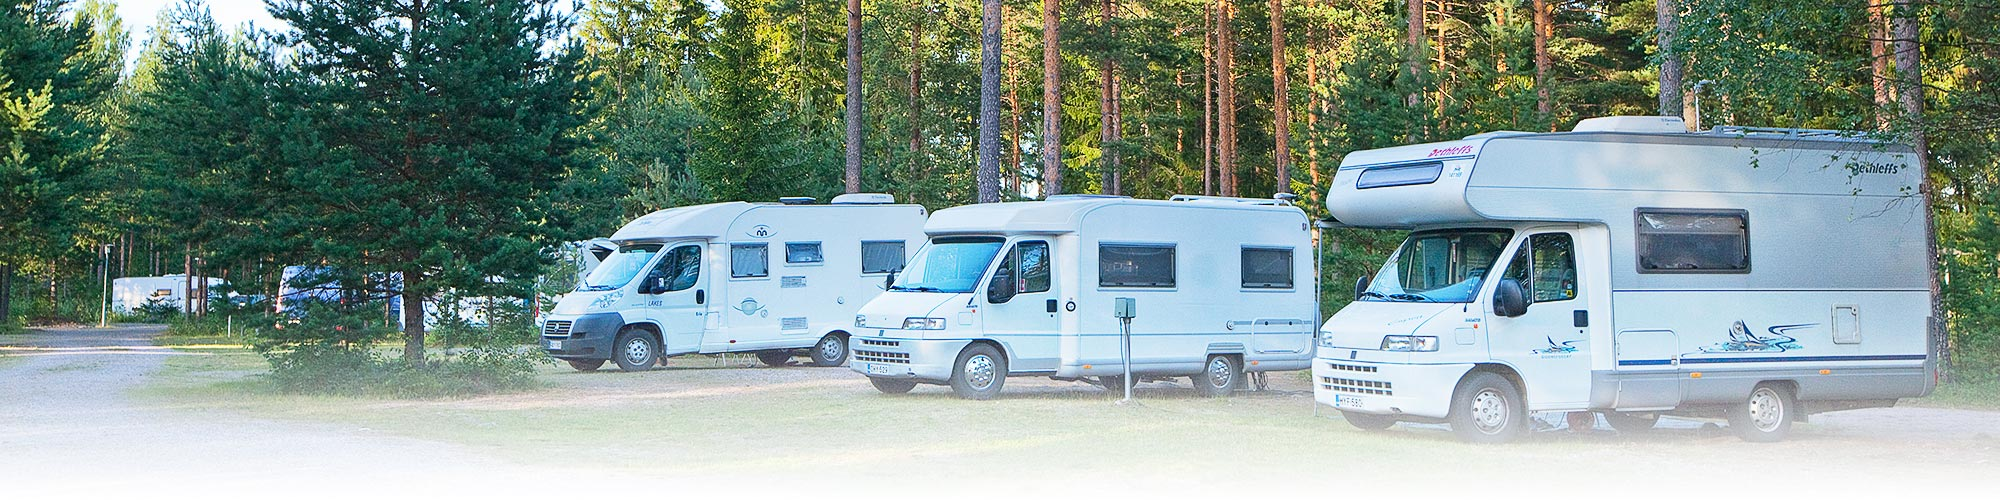 Tommolansalmi campsite caravans